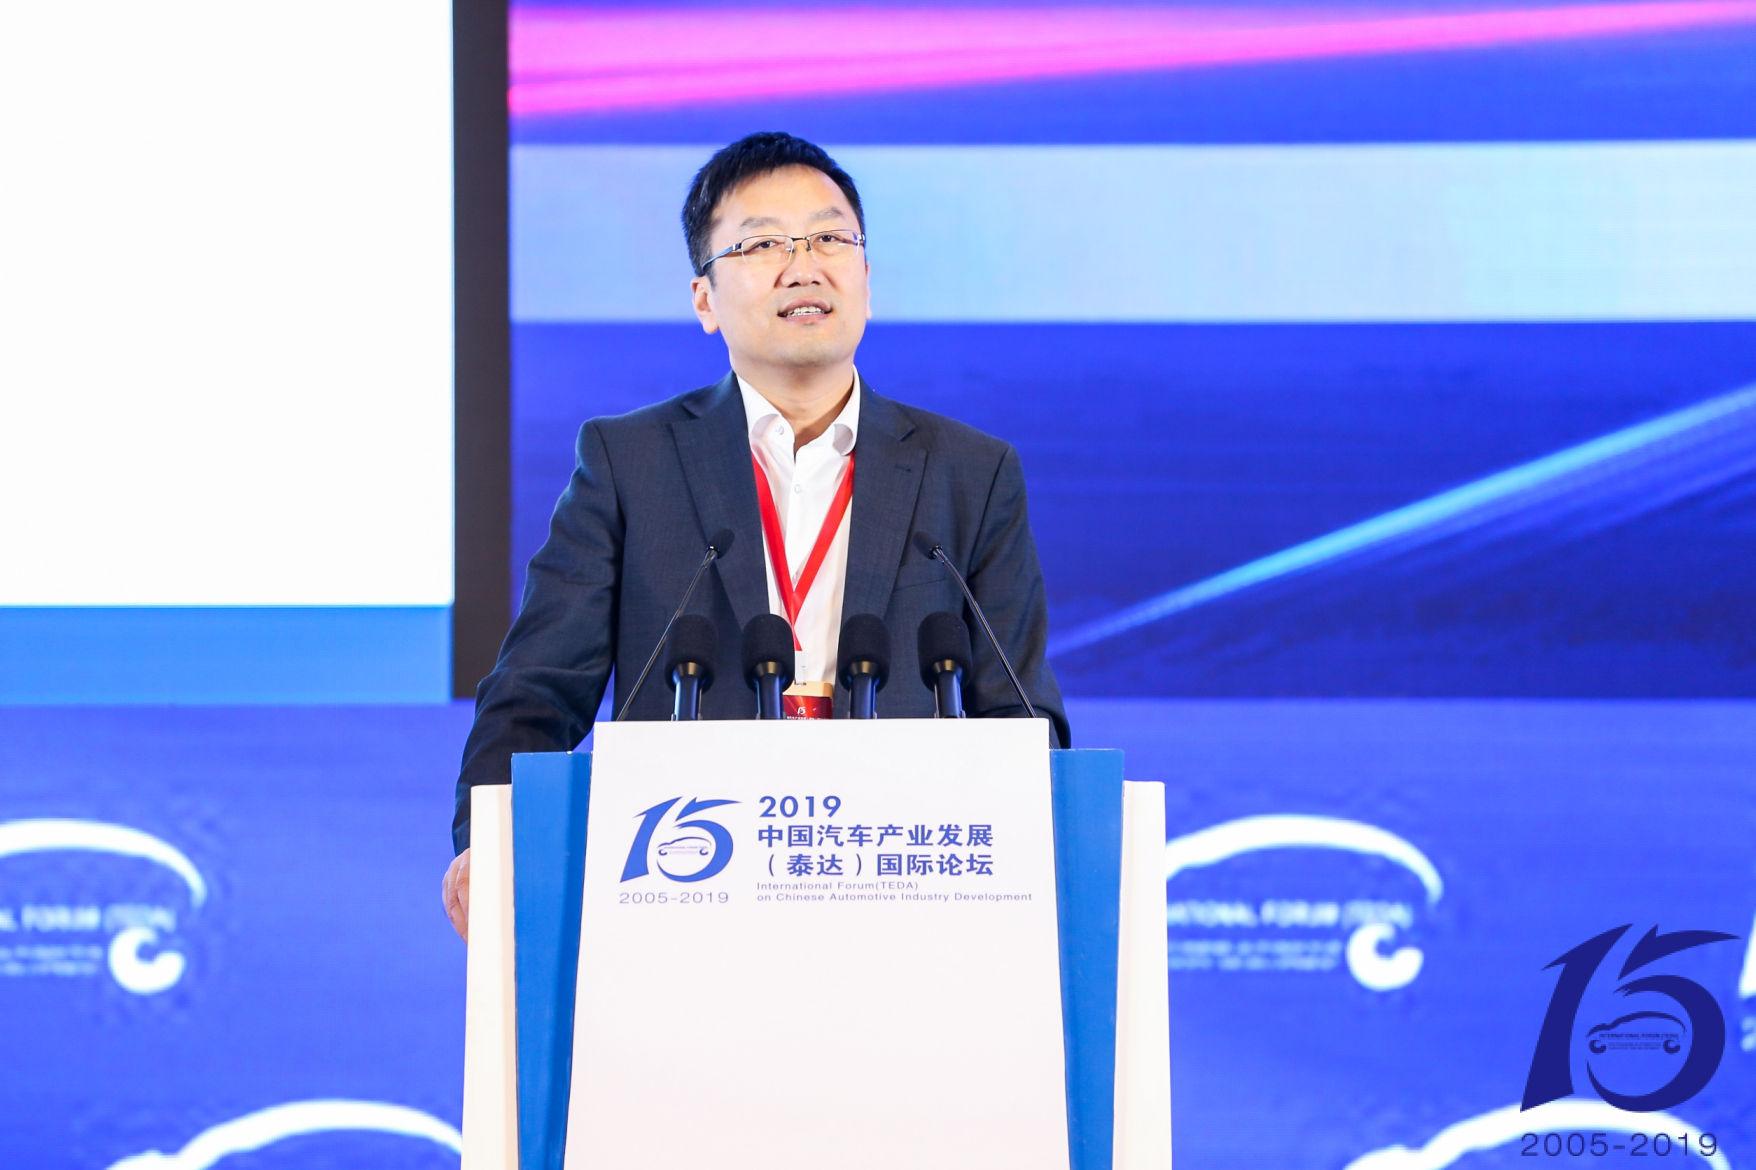 王晓明:汽车产业格局正在重塑,品牌是关键力量